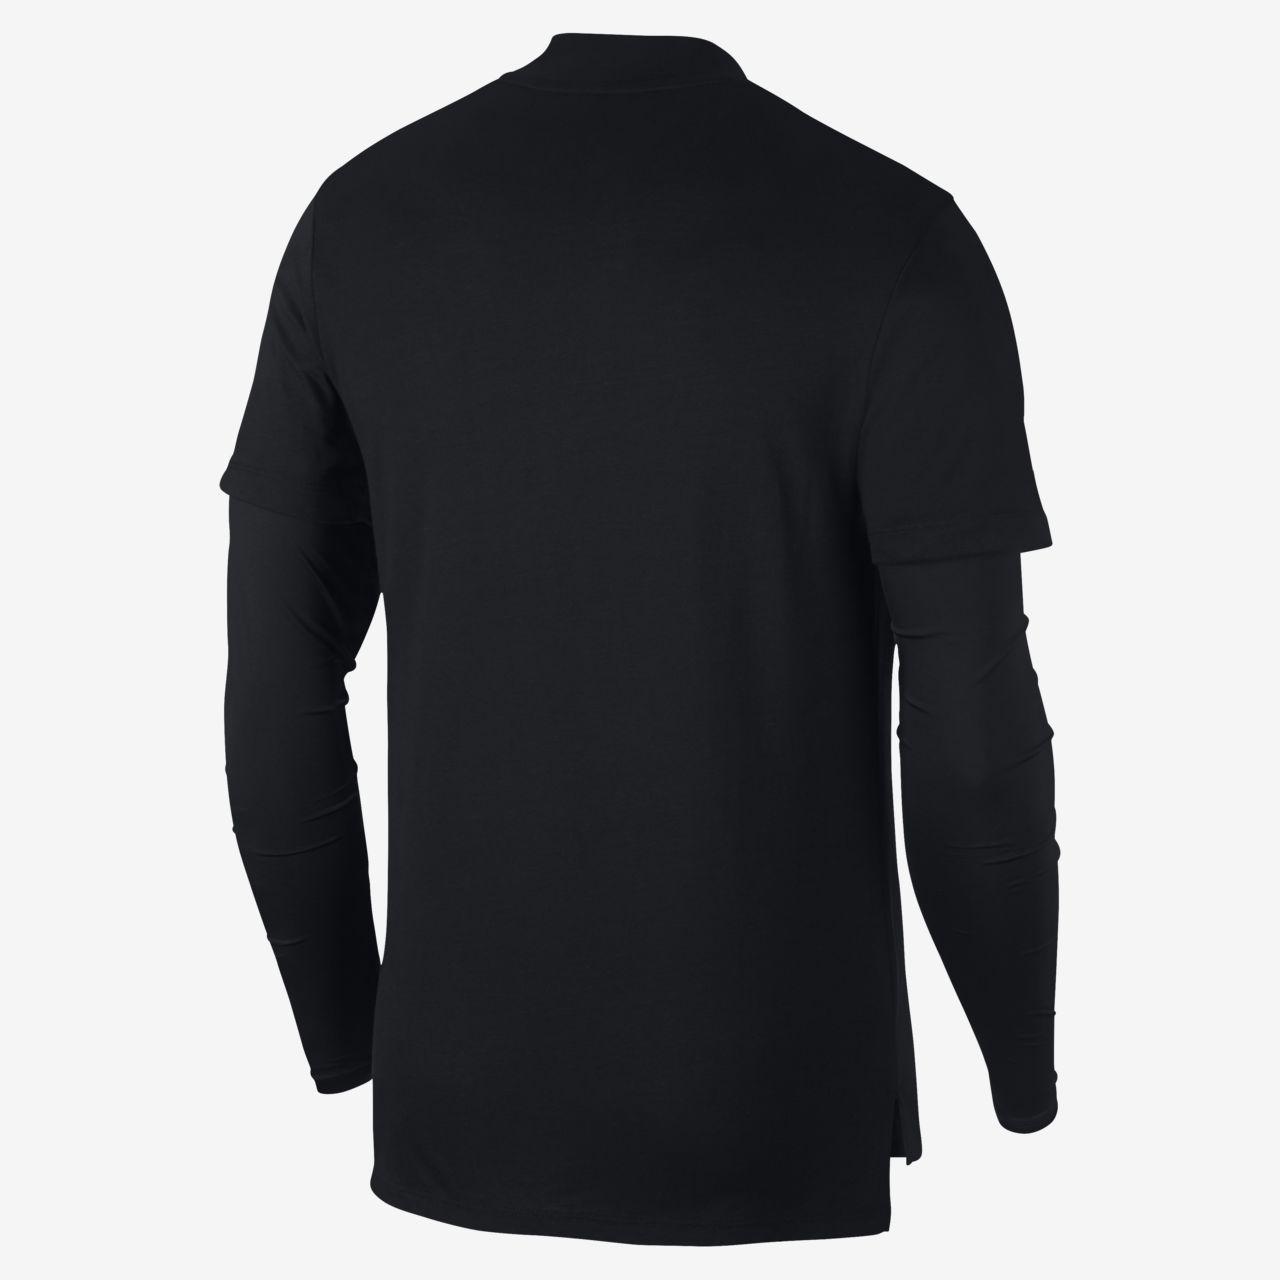 best service f3ebc 96bb9 ... Långärmad löpartröja Nike Run Division Rise 365 för män